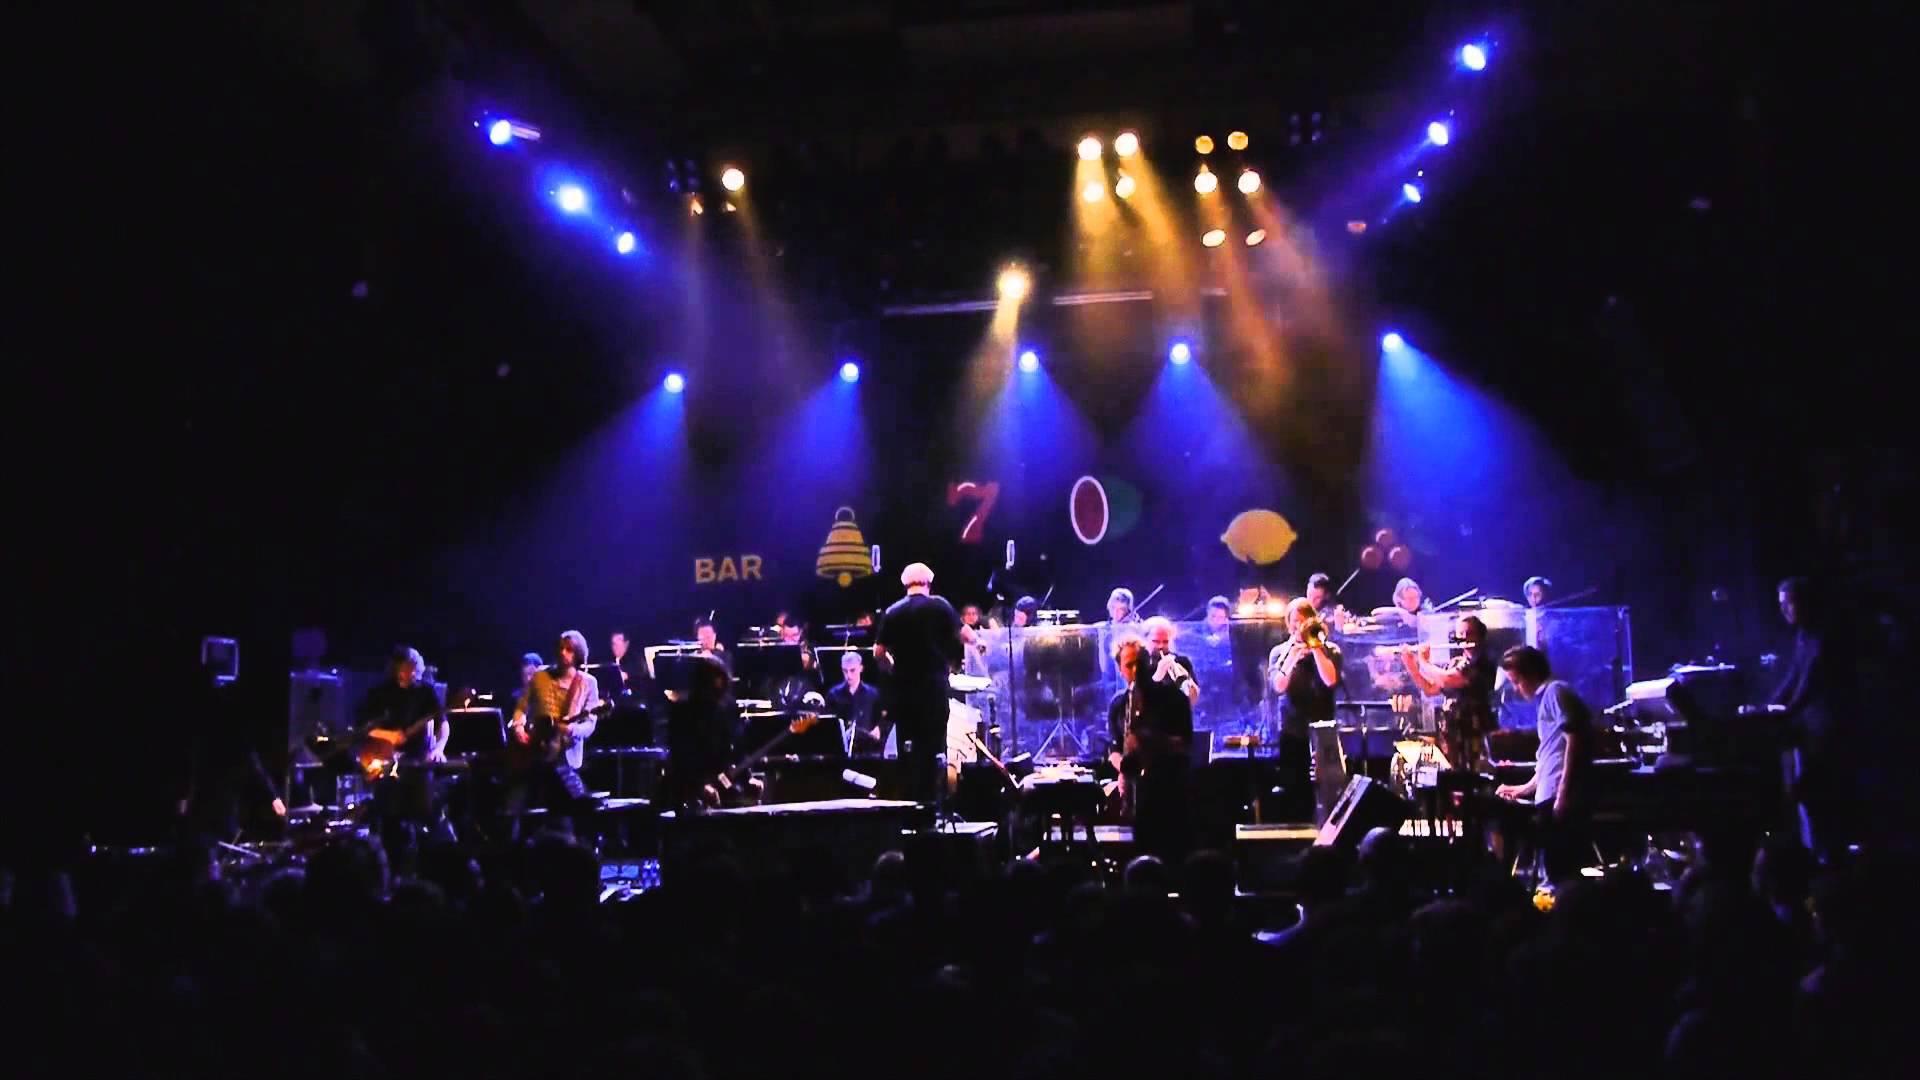 jaga jazzist live with britten sinfonia 2013 nu jazz jaga jazzist live with britten sinfonia 2013 nu jazz orchestral